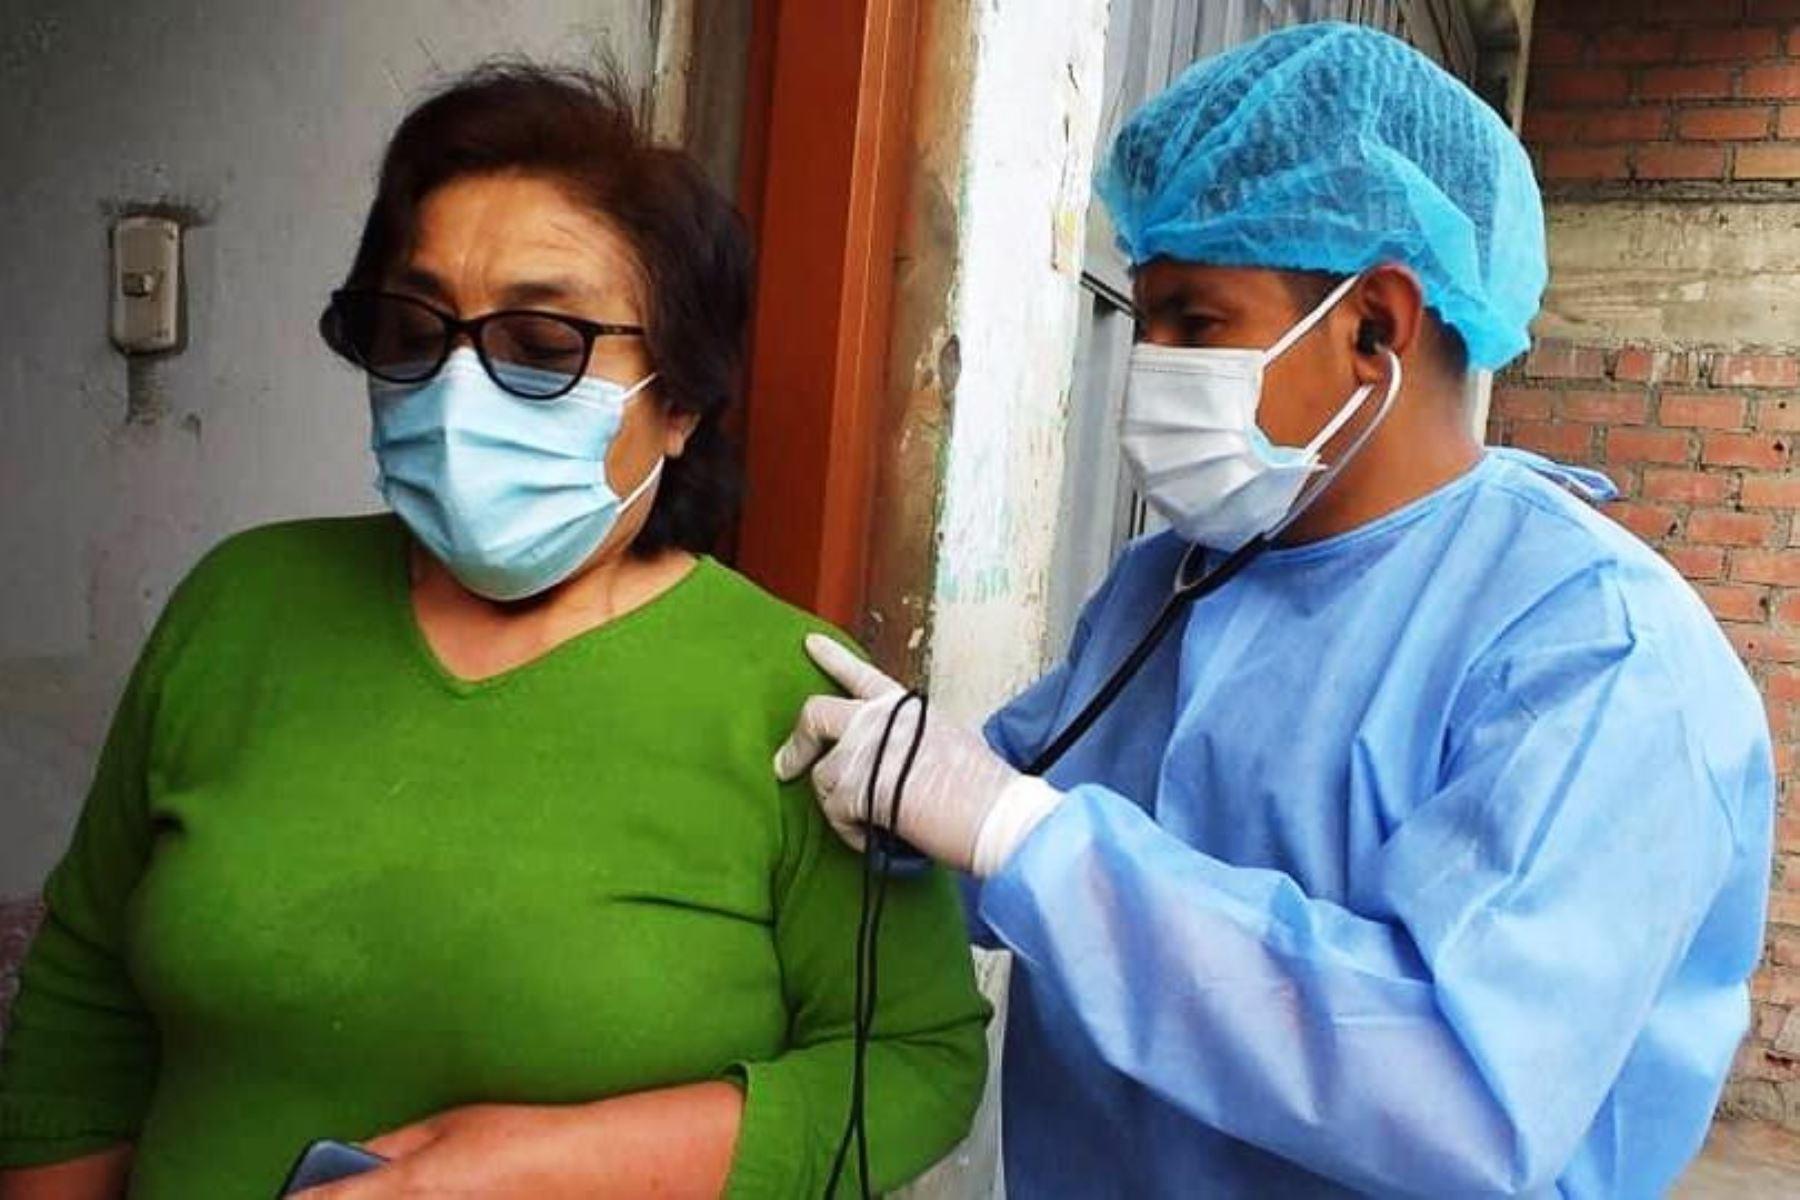 santa-anita-mas-de-300-personas-recibieron-evaluacion-clinica-para-descarte-de-covid-19